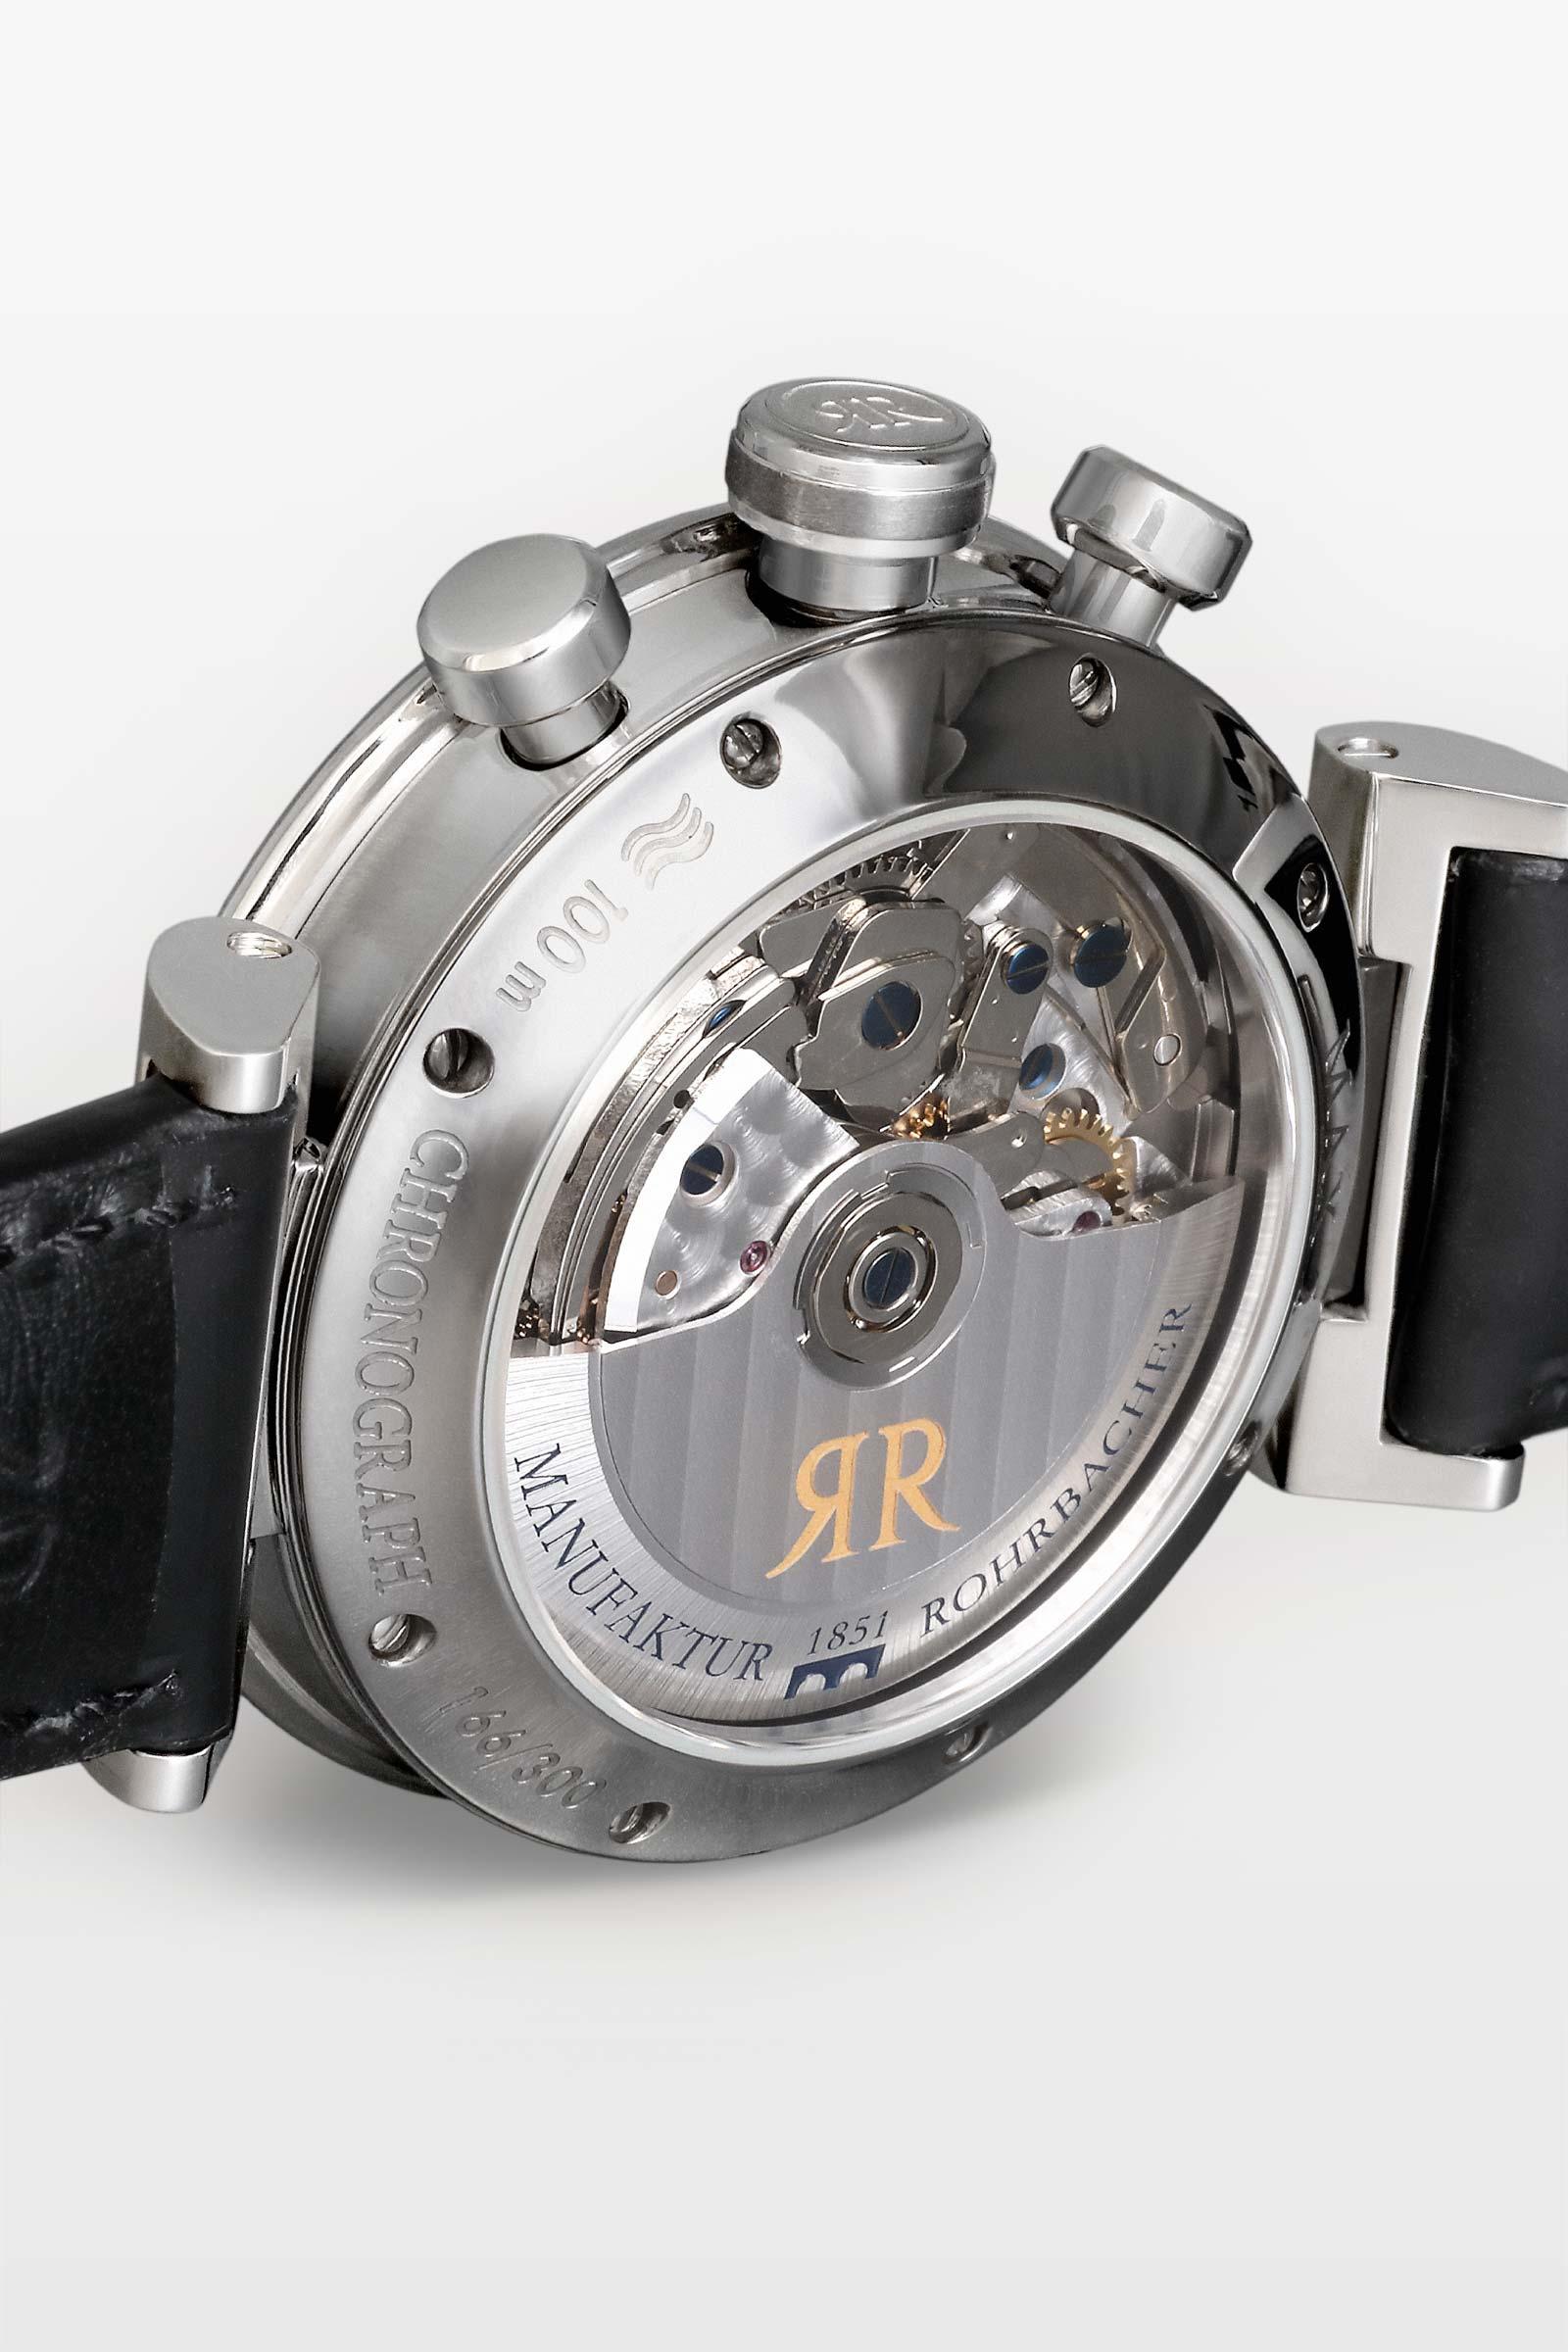 Gewährt faszinierende Einblicke - Der mehrfach verschraubte Saphirglasboden erlaubt faszinierende Einsicht in das mechanische Chronographen-Uhrwerk. Wie jede Rohrbacher ist auch die MAX II bis zu100 Meter wasserdicht.